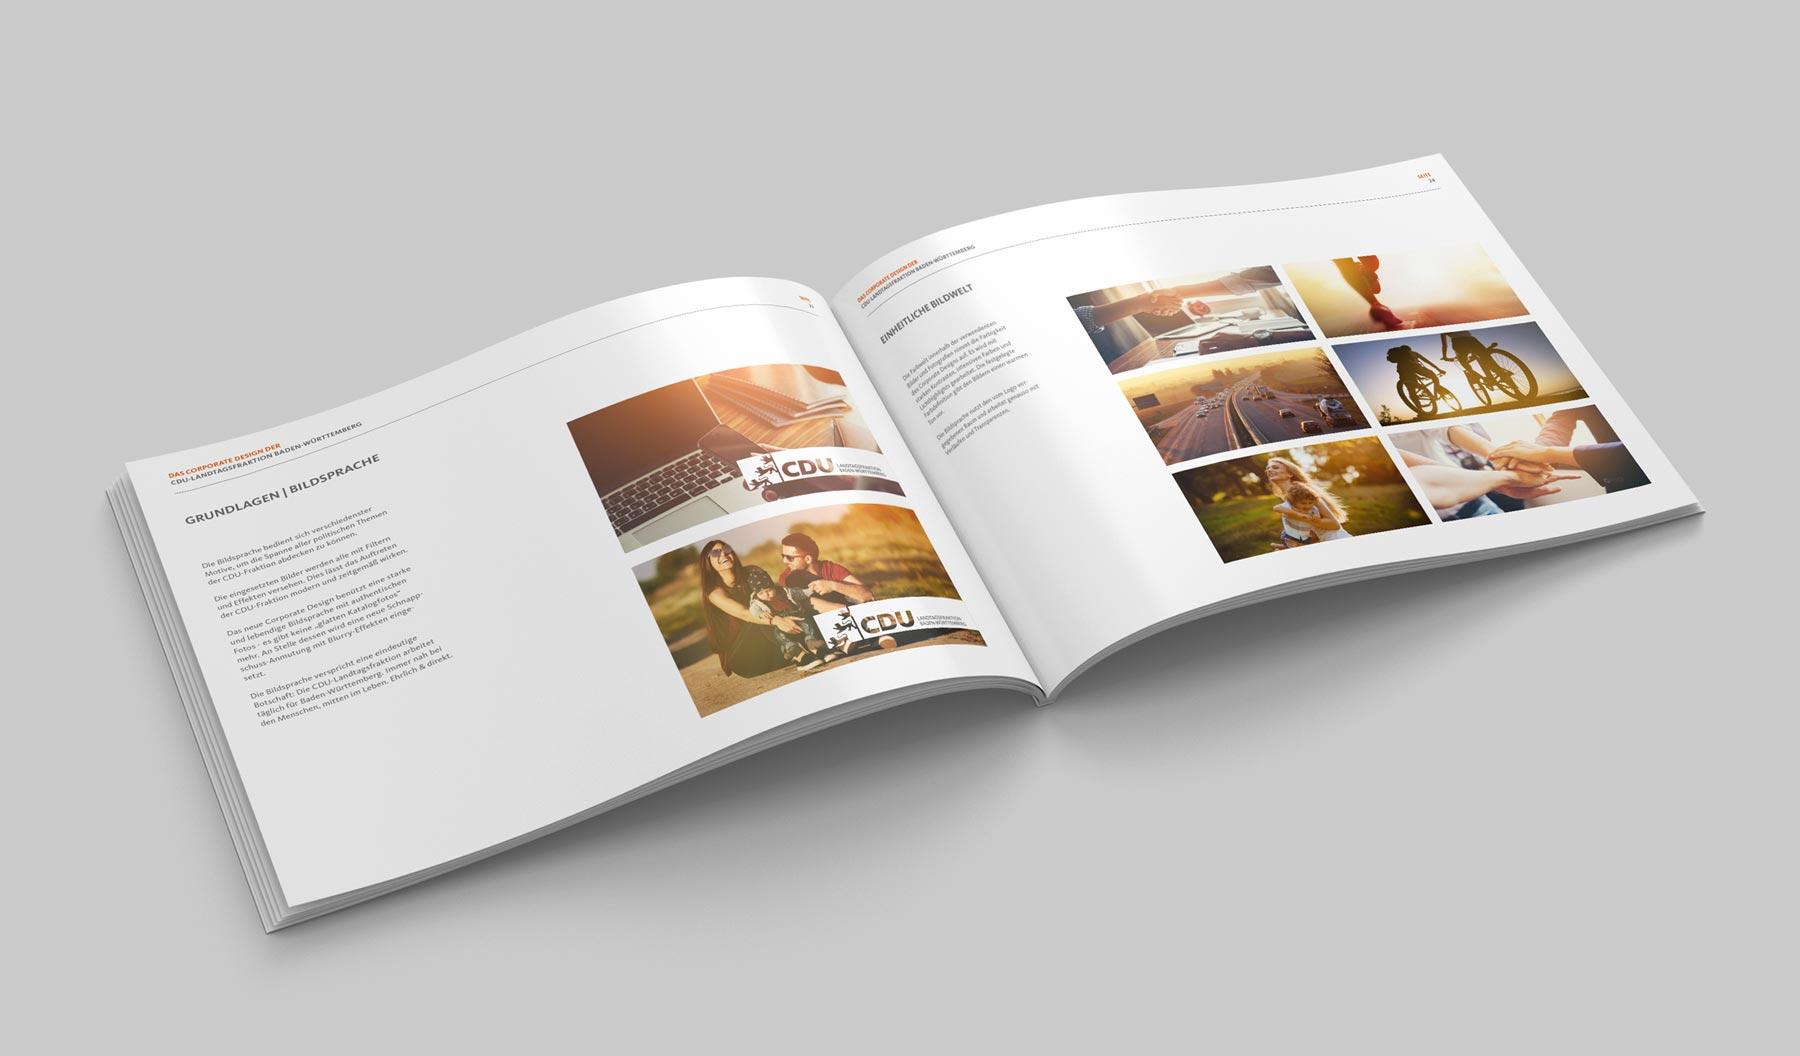 CDU_LF_BW, Styleguide, Corporate Design Relaunch, Redesign, Inhalt, Bildsprache